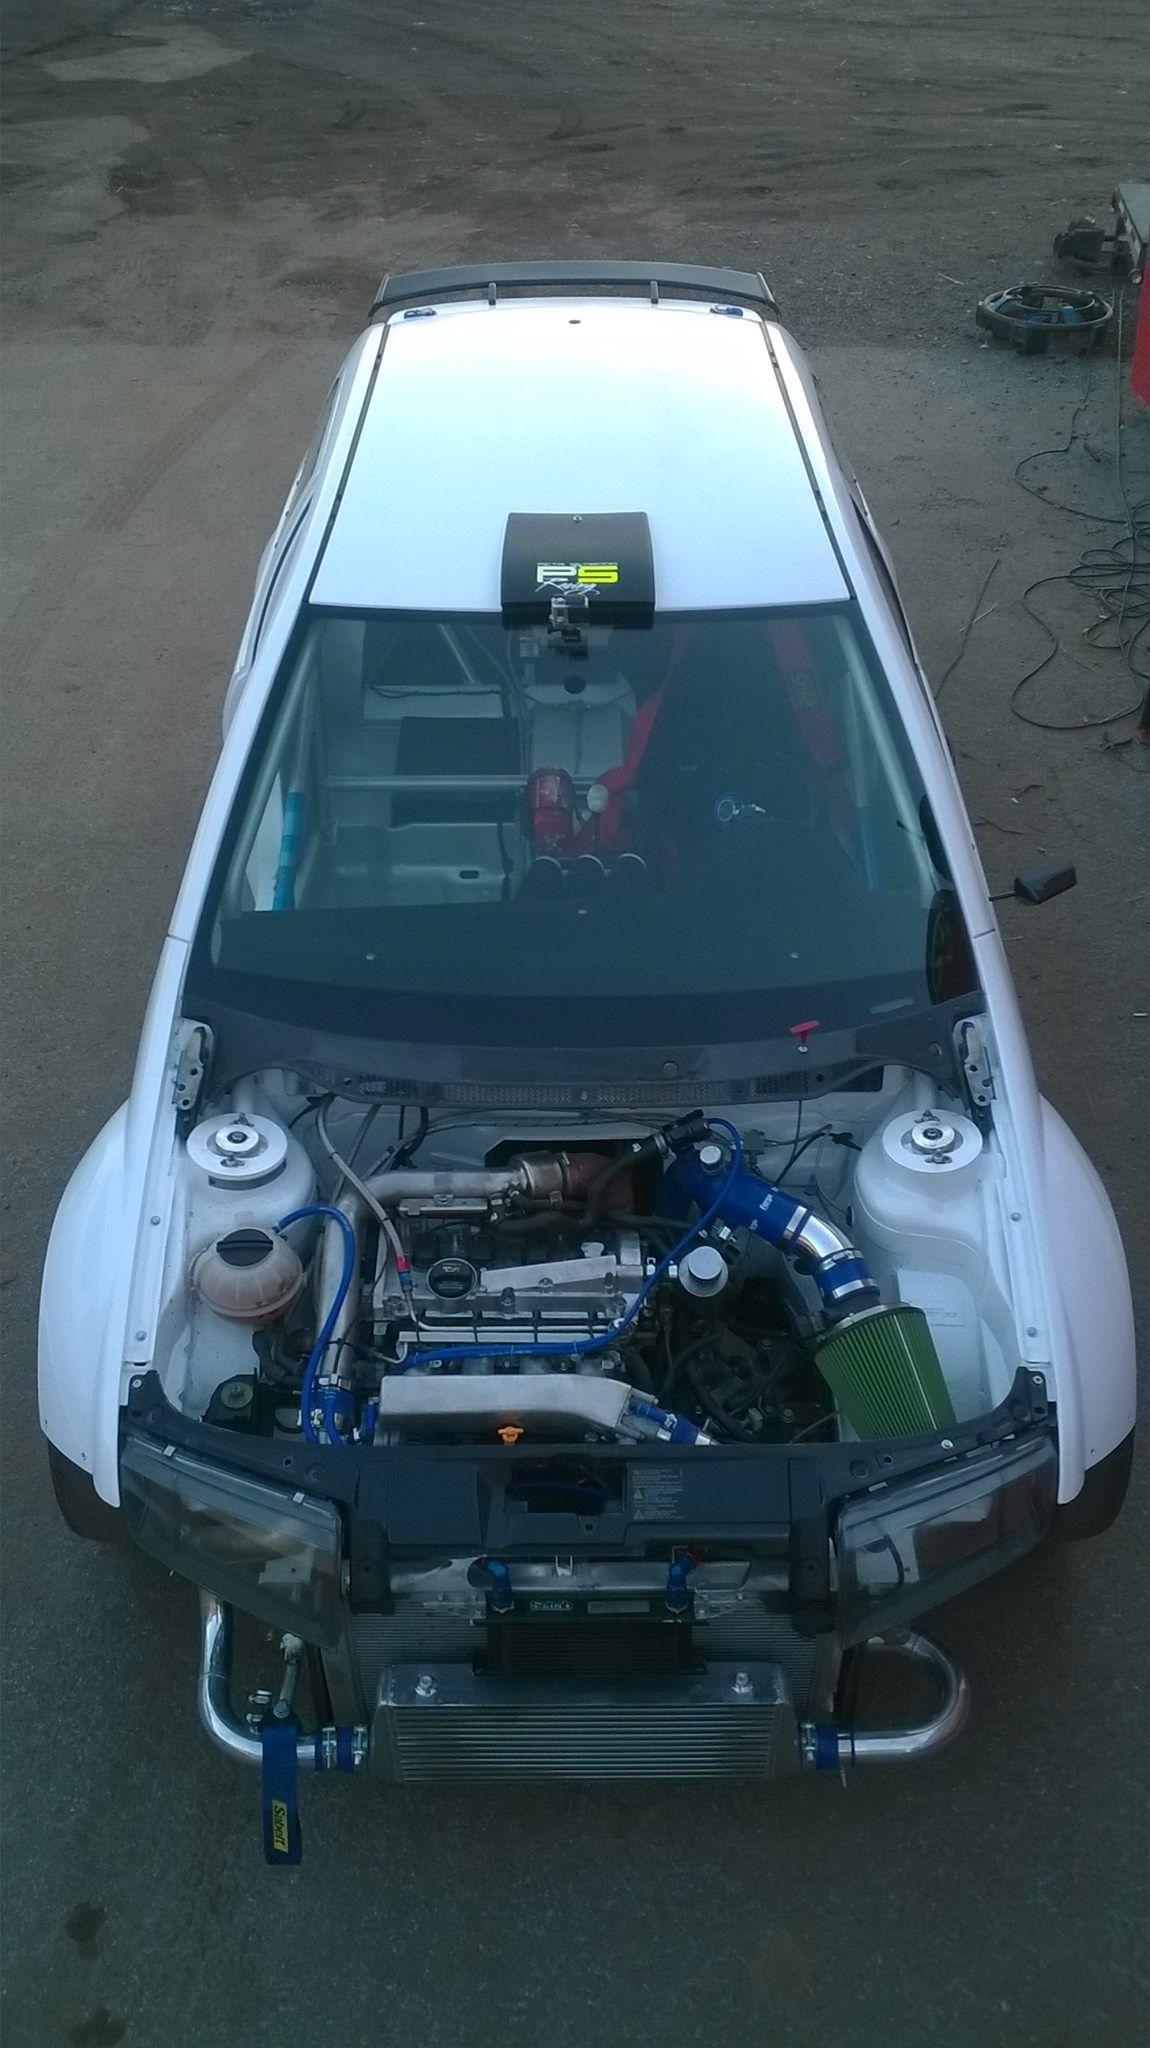 škoda Fabia With An Audi Tt 18t And Quattro 4wd Drivetrain Engine